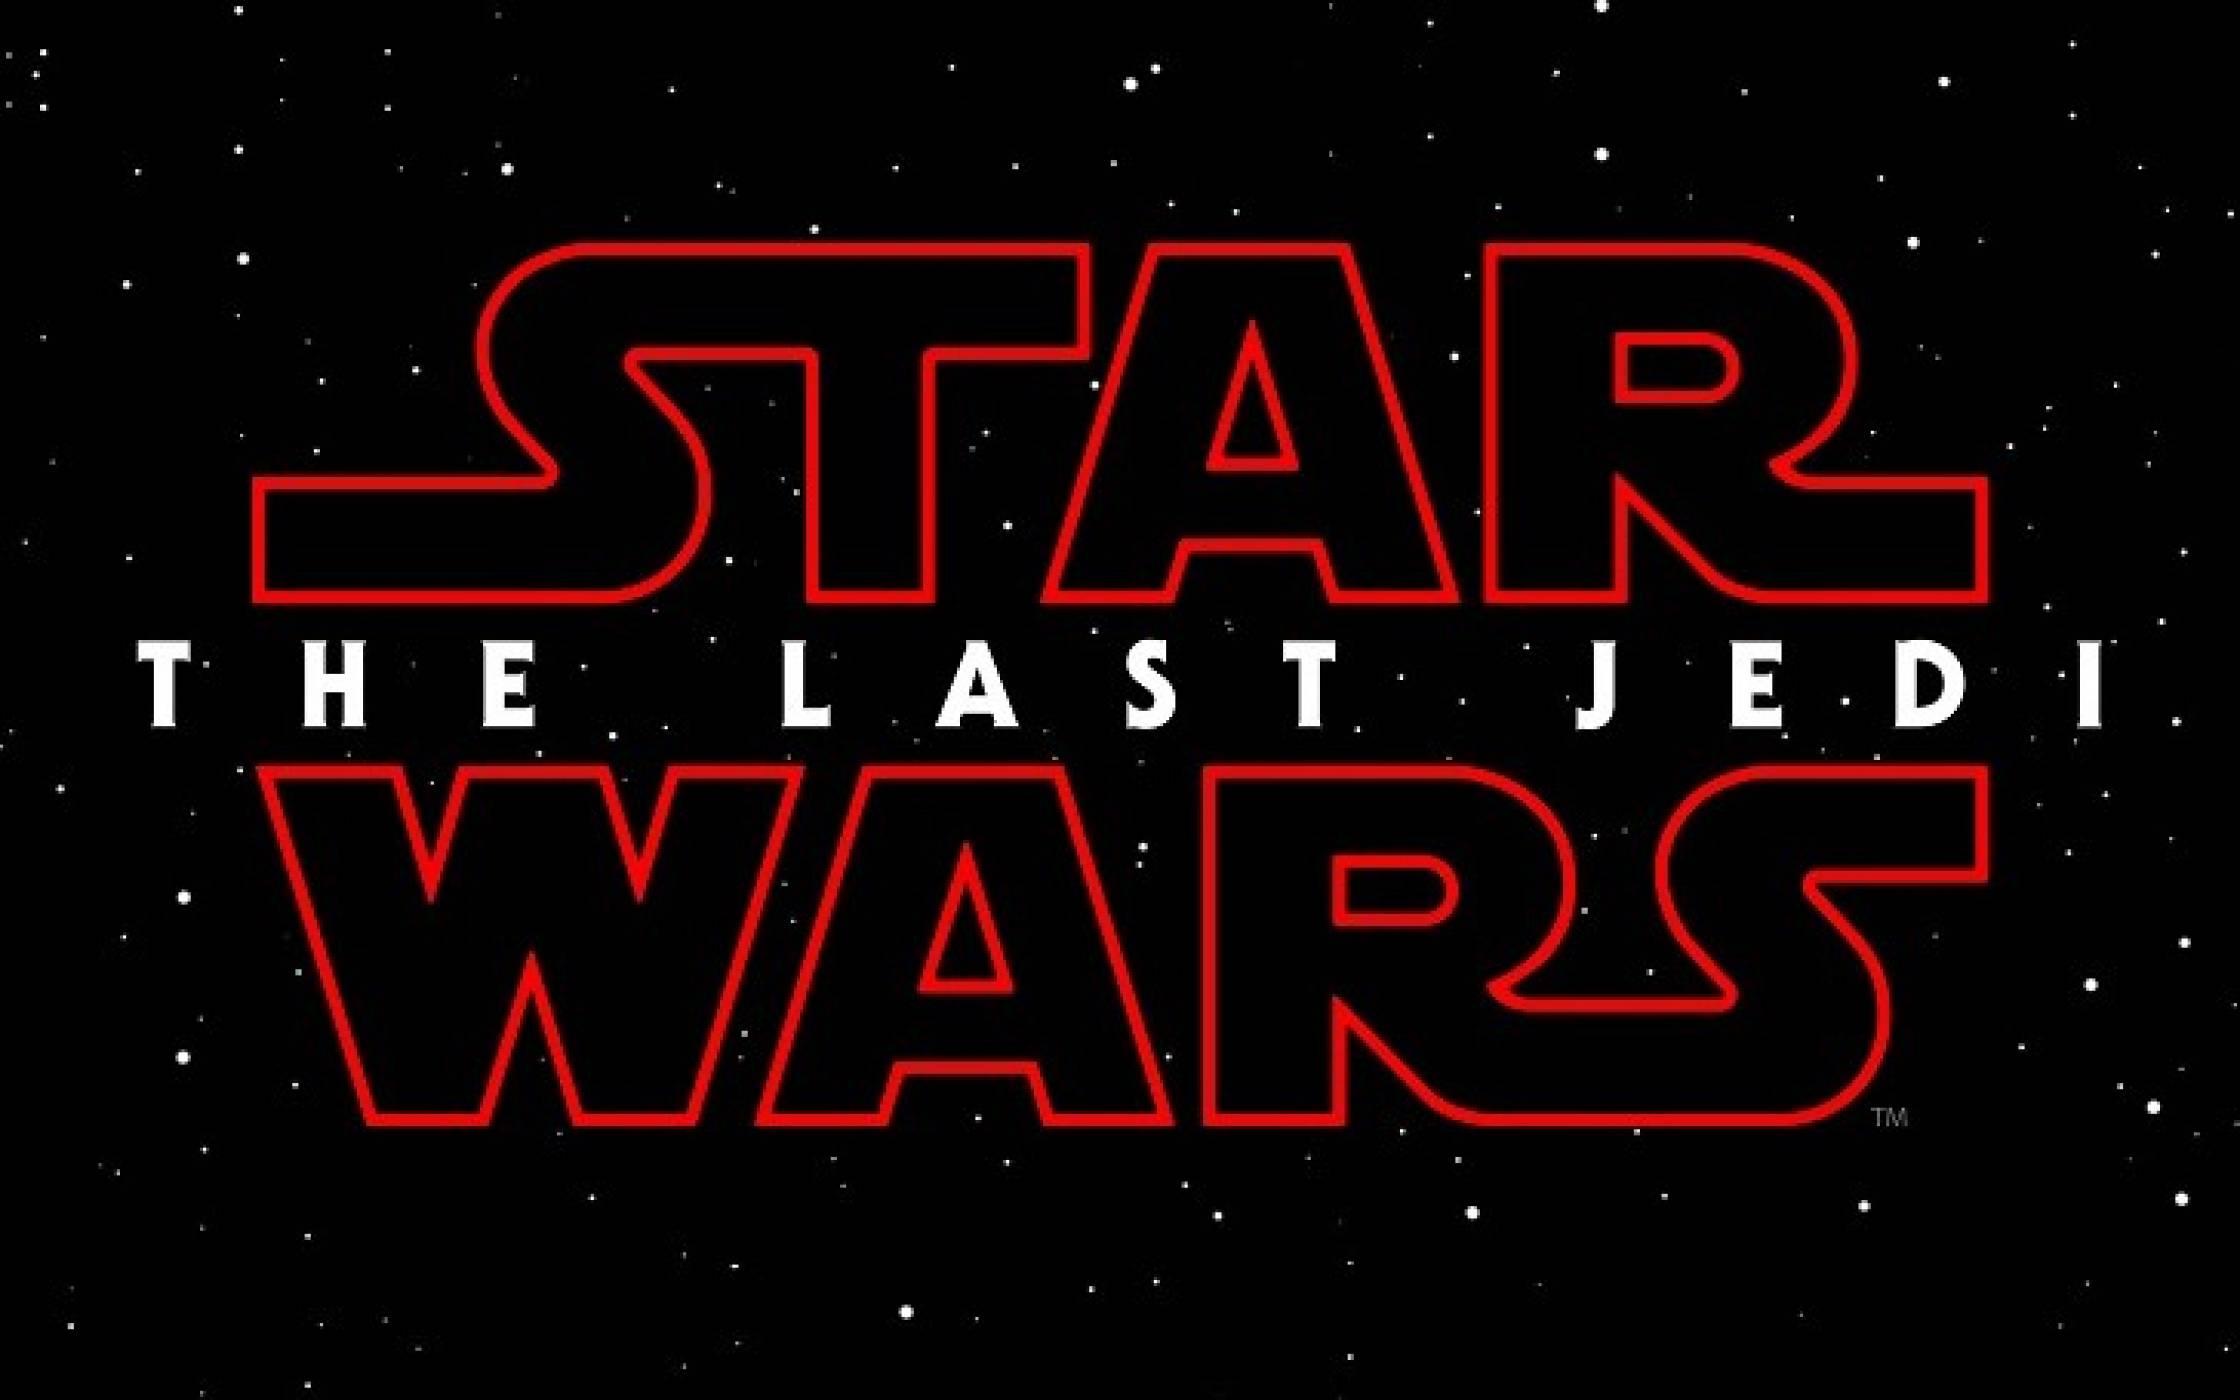 Nokia OZO ще прави VR съдържание за Star Wars: The Last Jedi